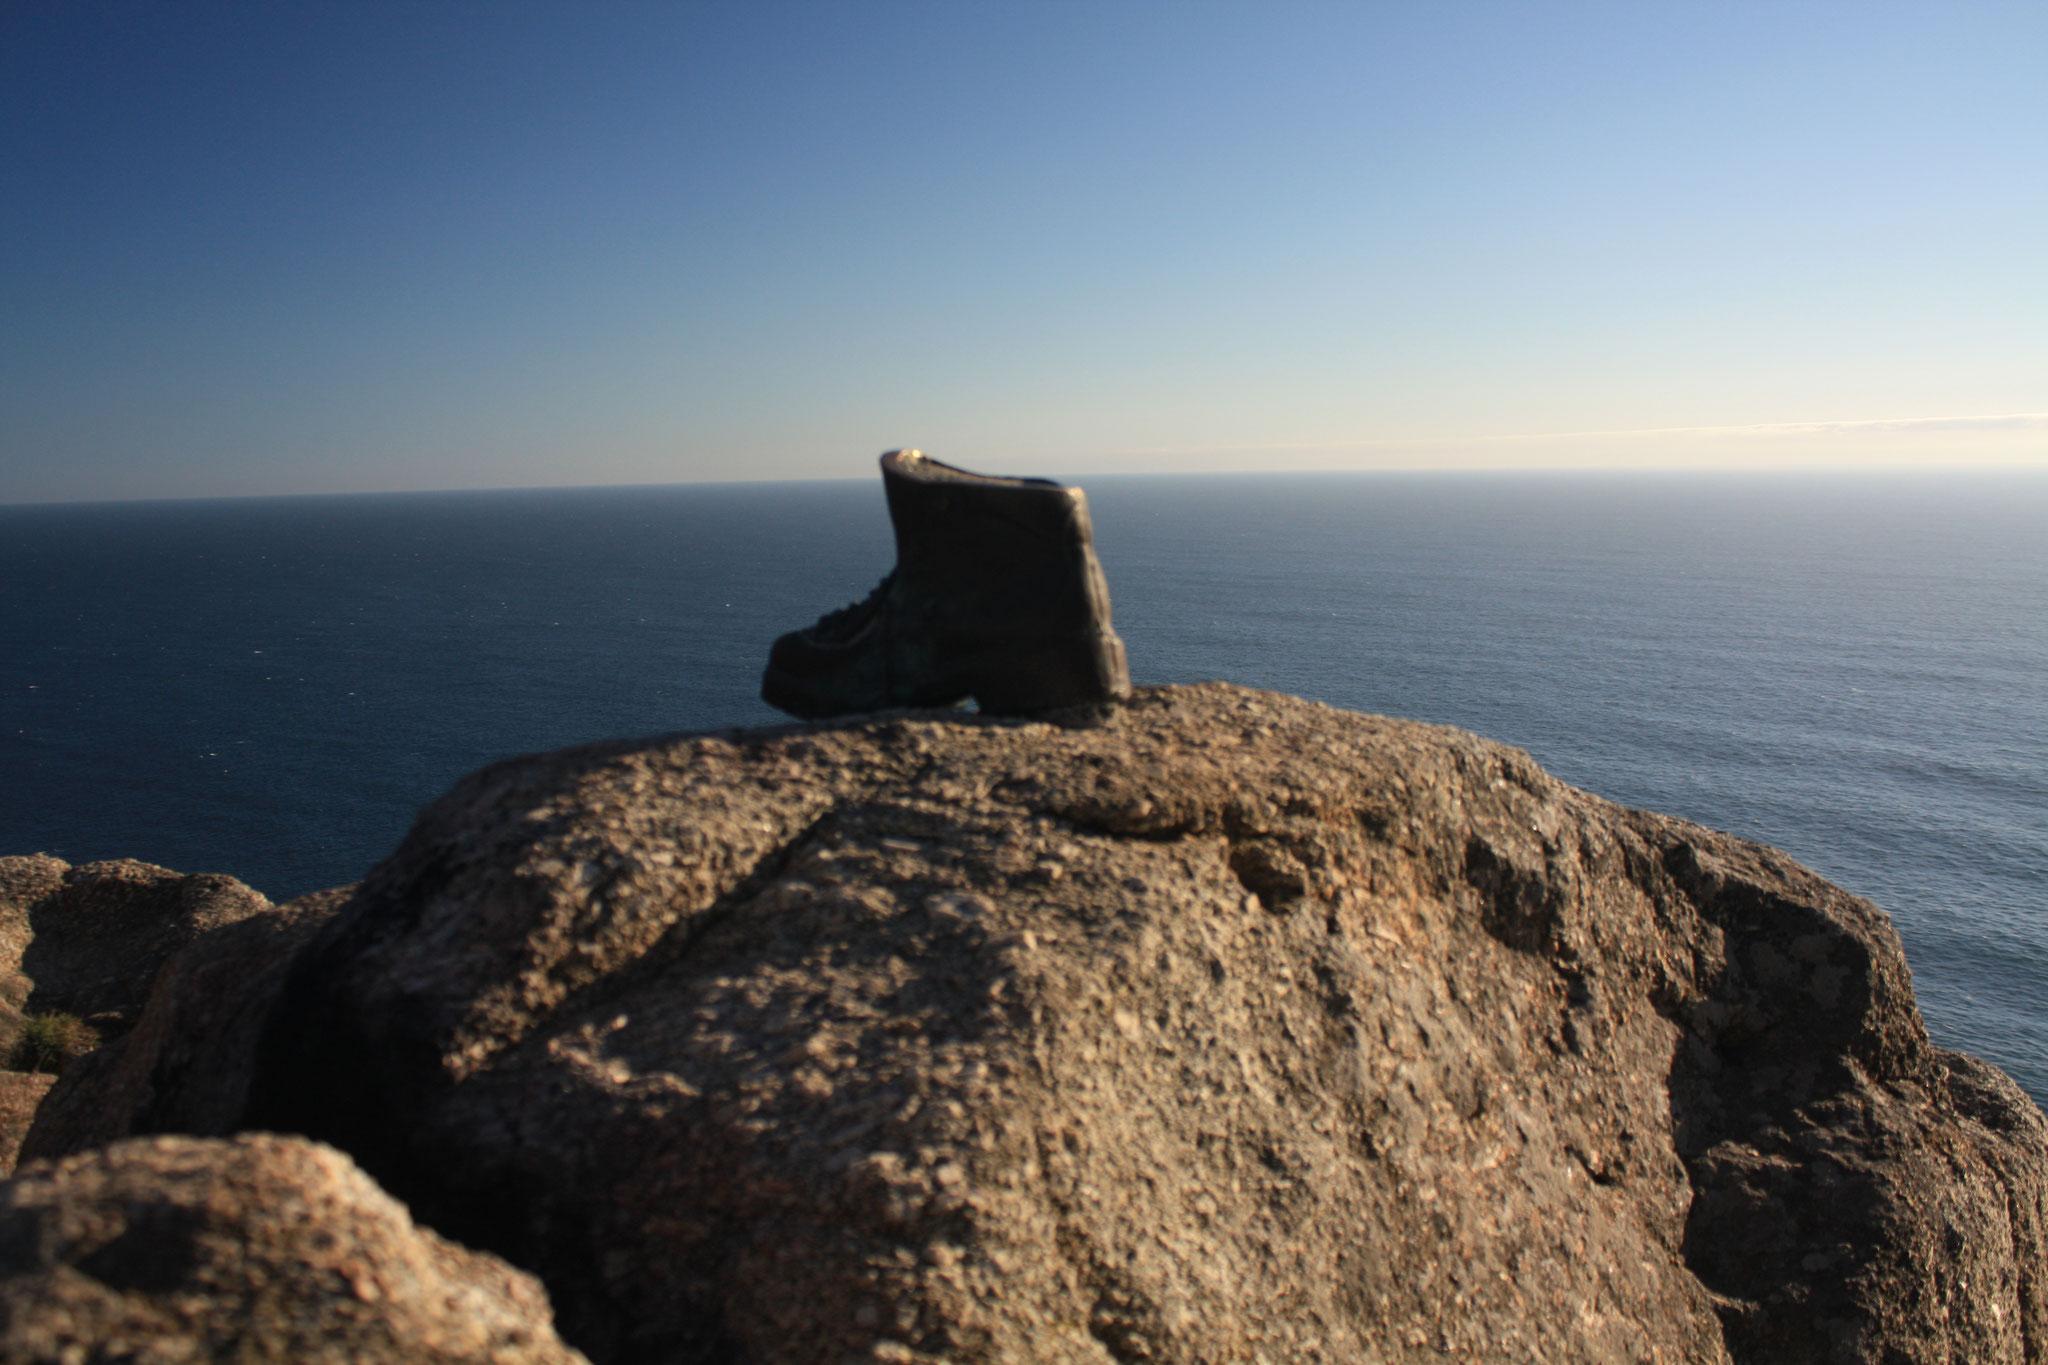 Индивидуальный экскурсионный тур в испанскую Галисию. 8 дней/7 ночей. От 880 евро с человека